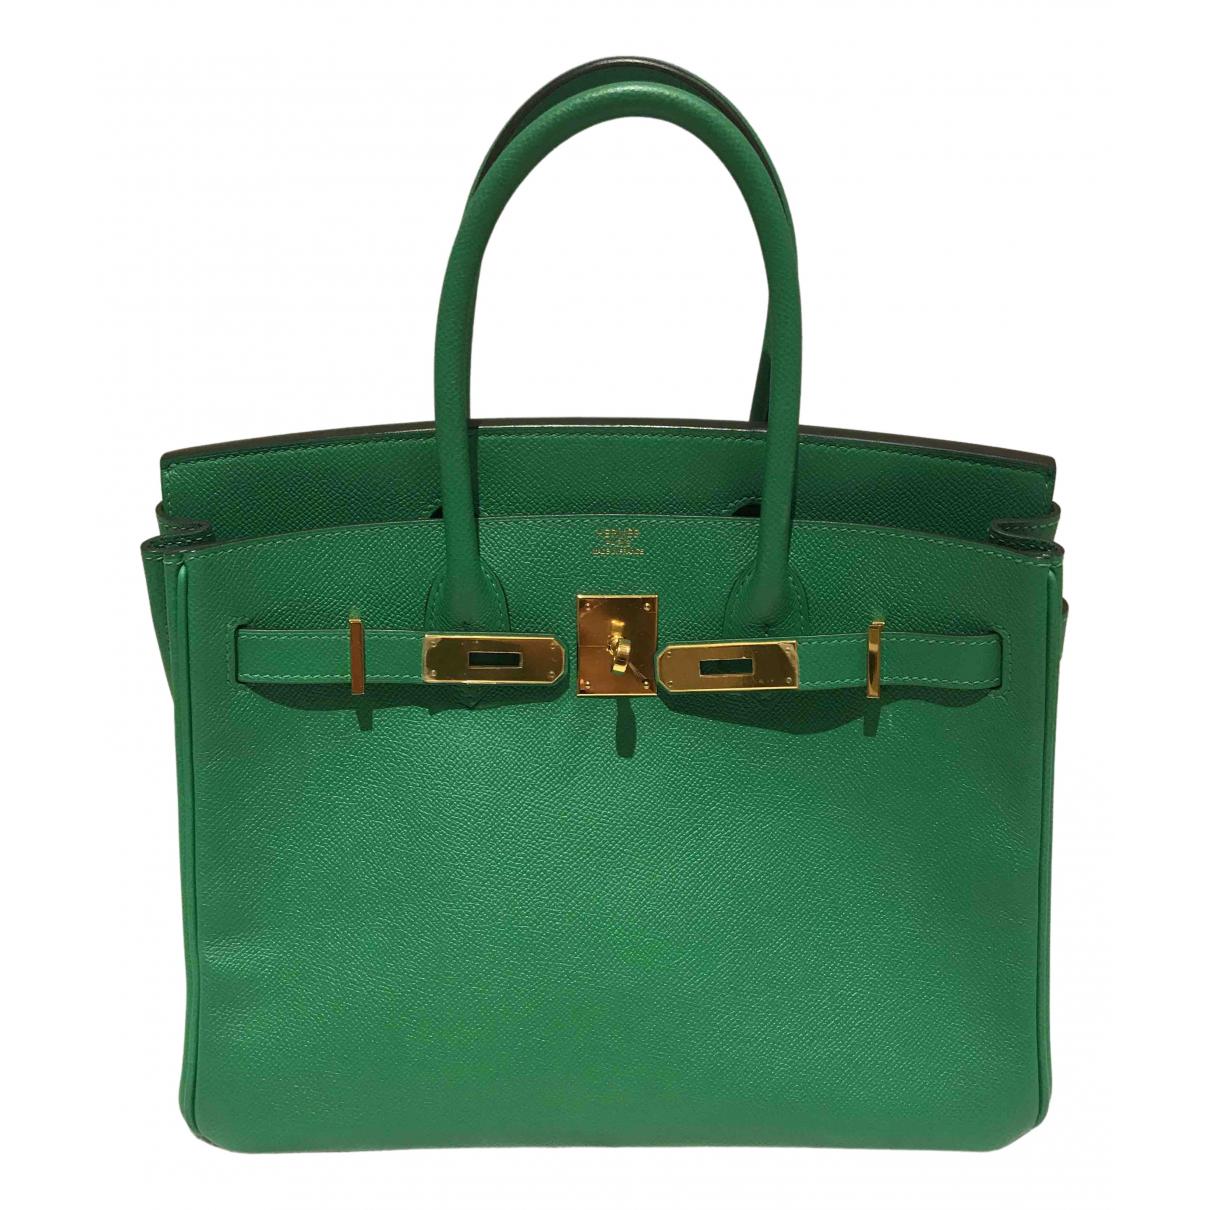 Hermes Birkin 30 Handtasche in  Gruen Leder